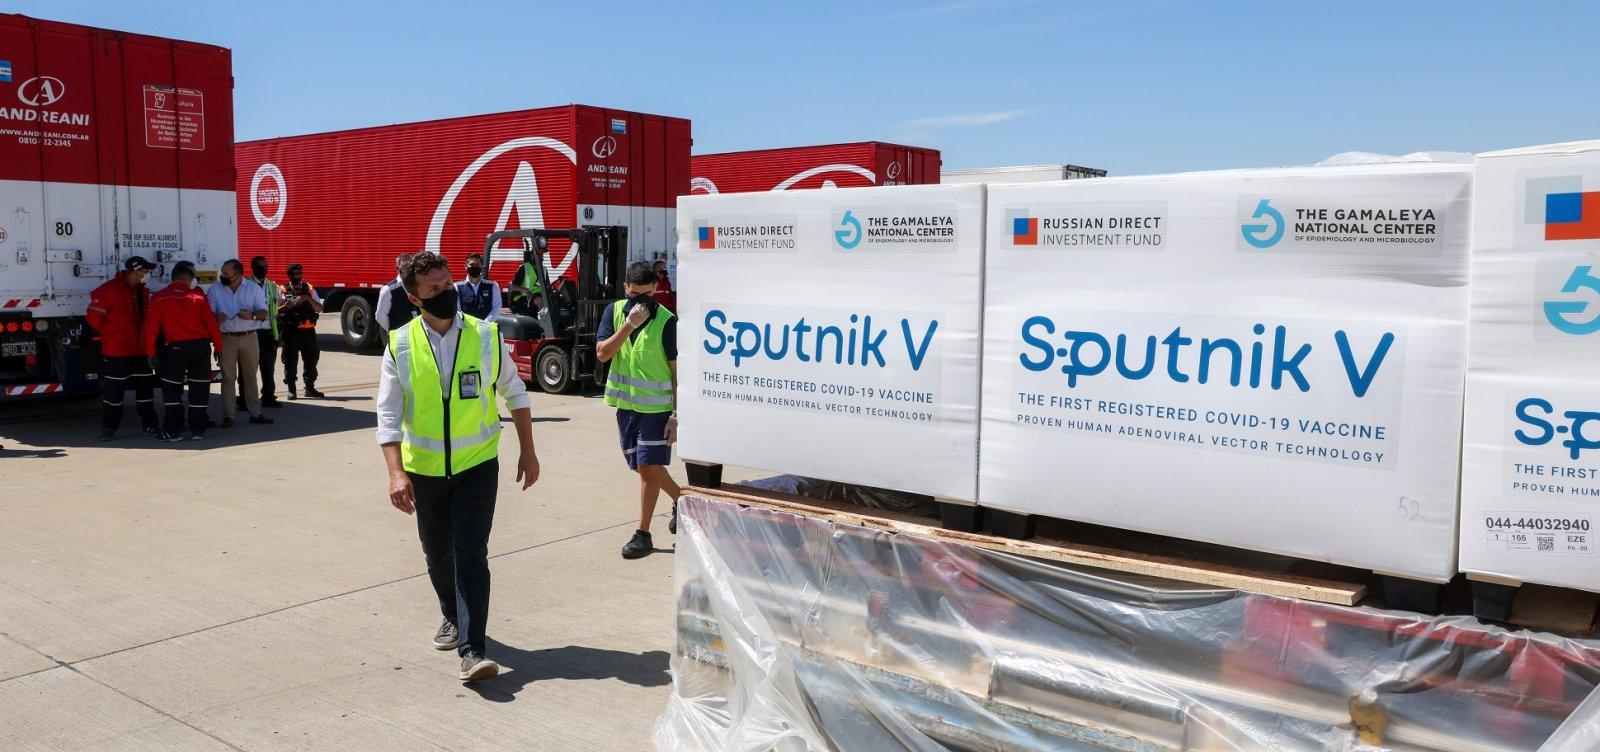 México autoriza uso emergencial da vacina russa Sputnik V